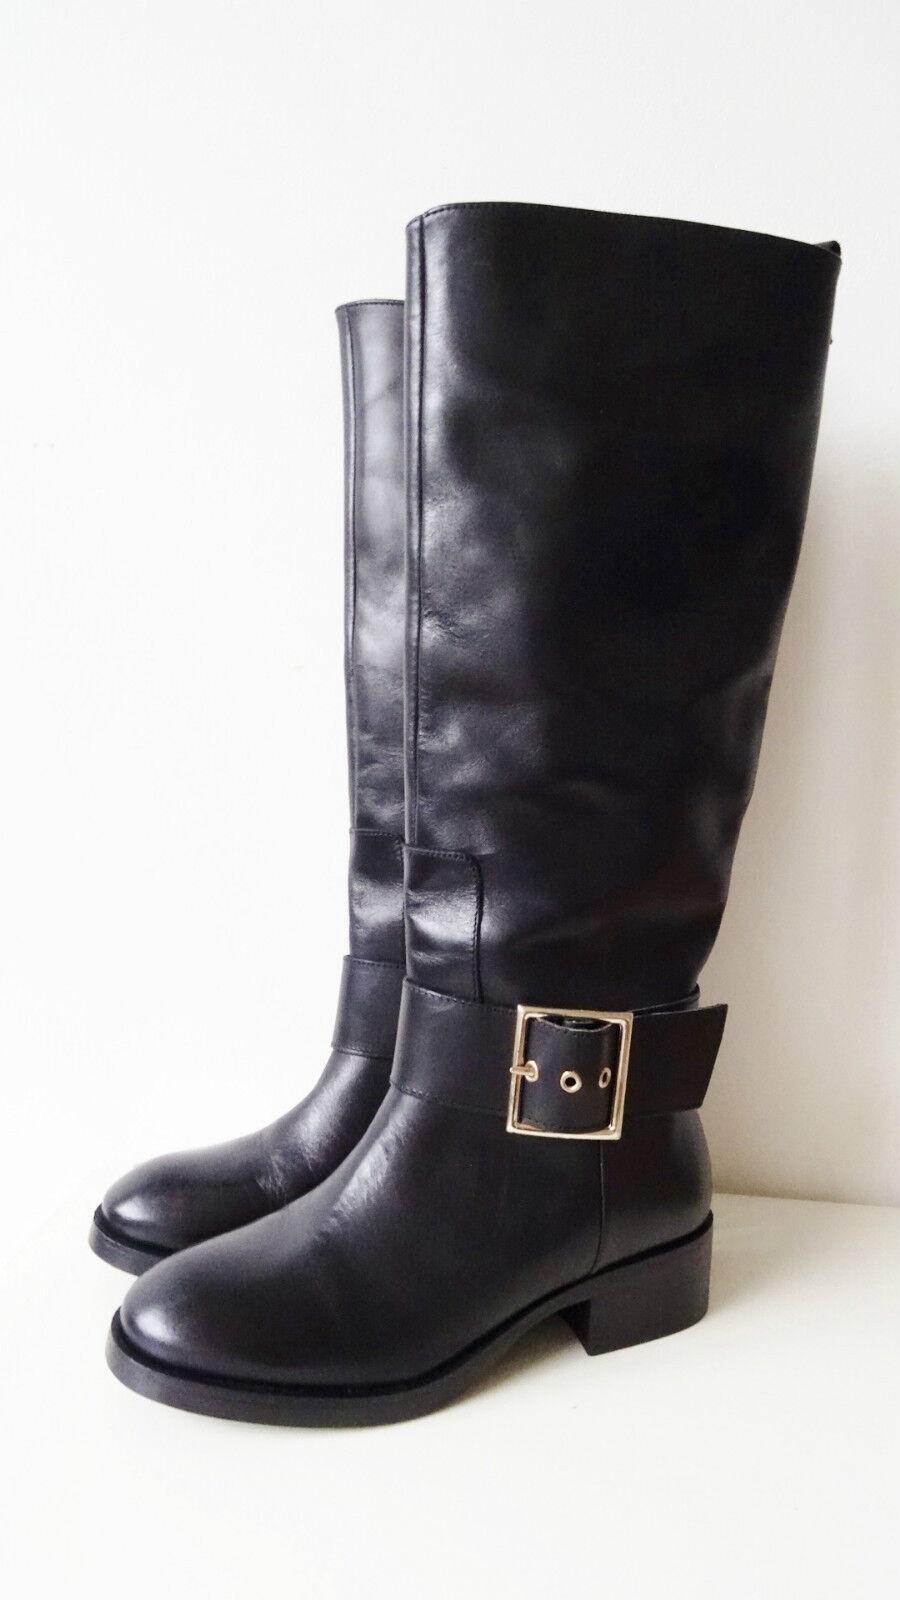 Nuevas botas de montar a caballo de Estilo Zara Cuero Negro con detalle de hebilla Talla